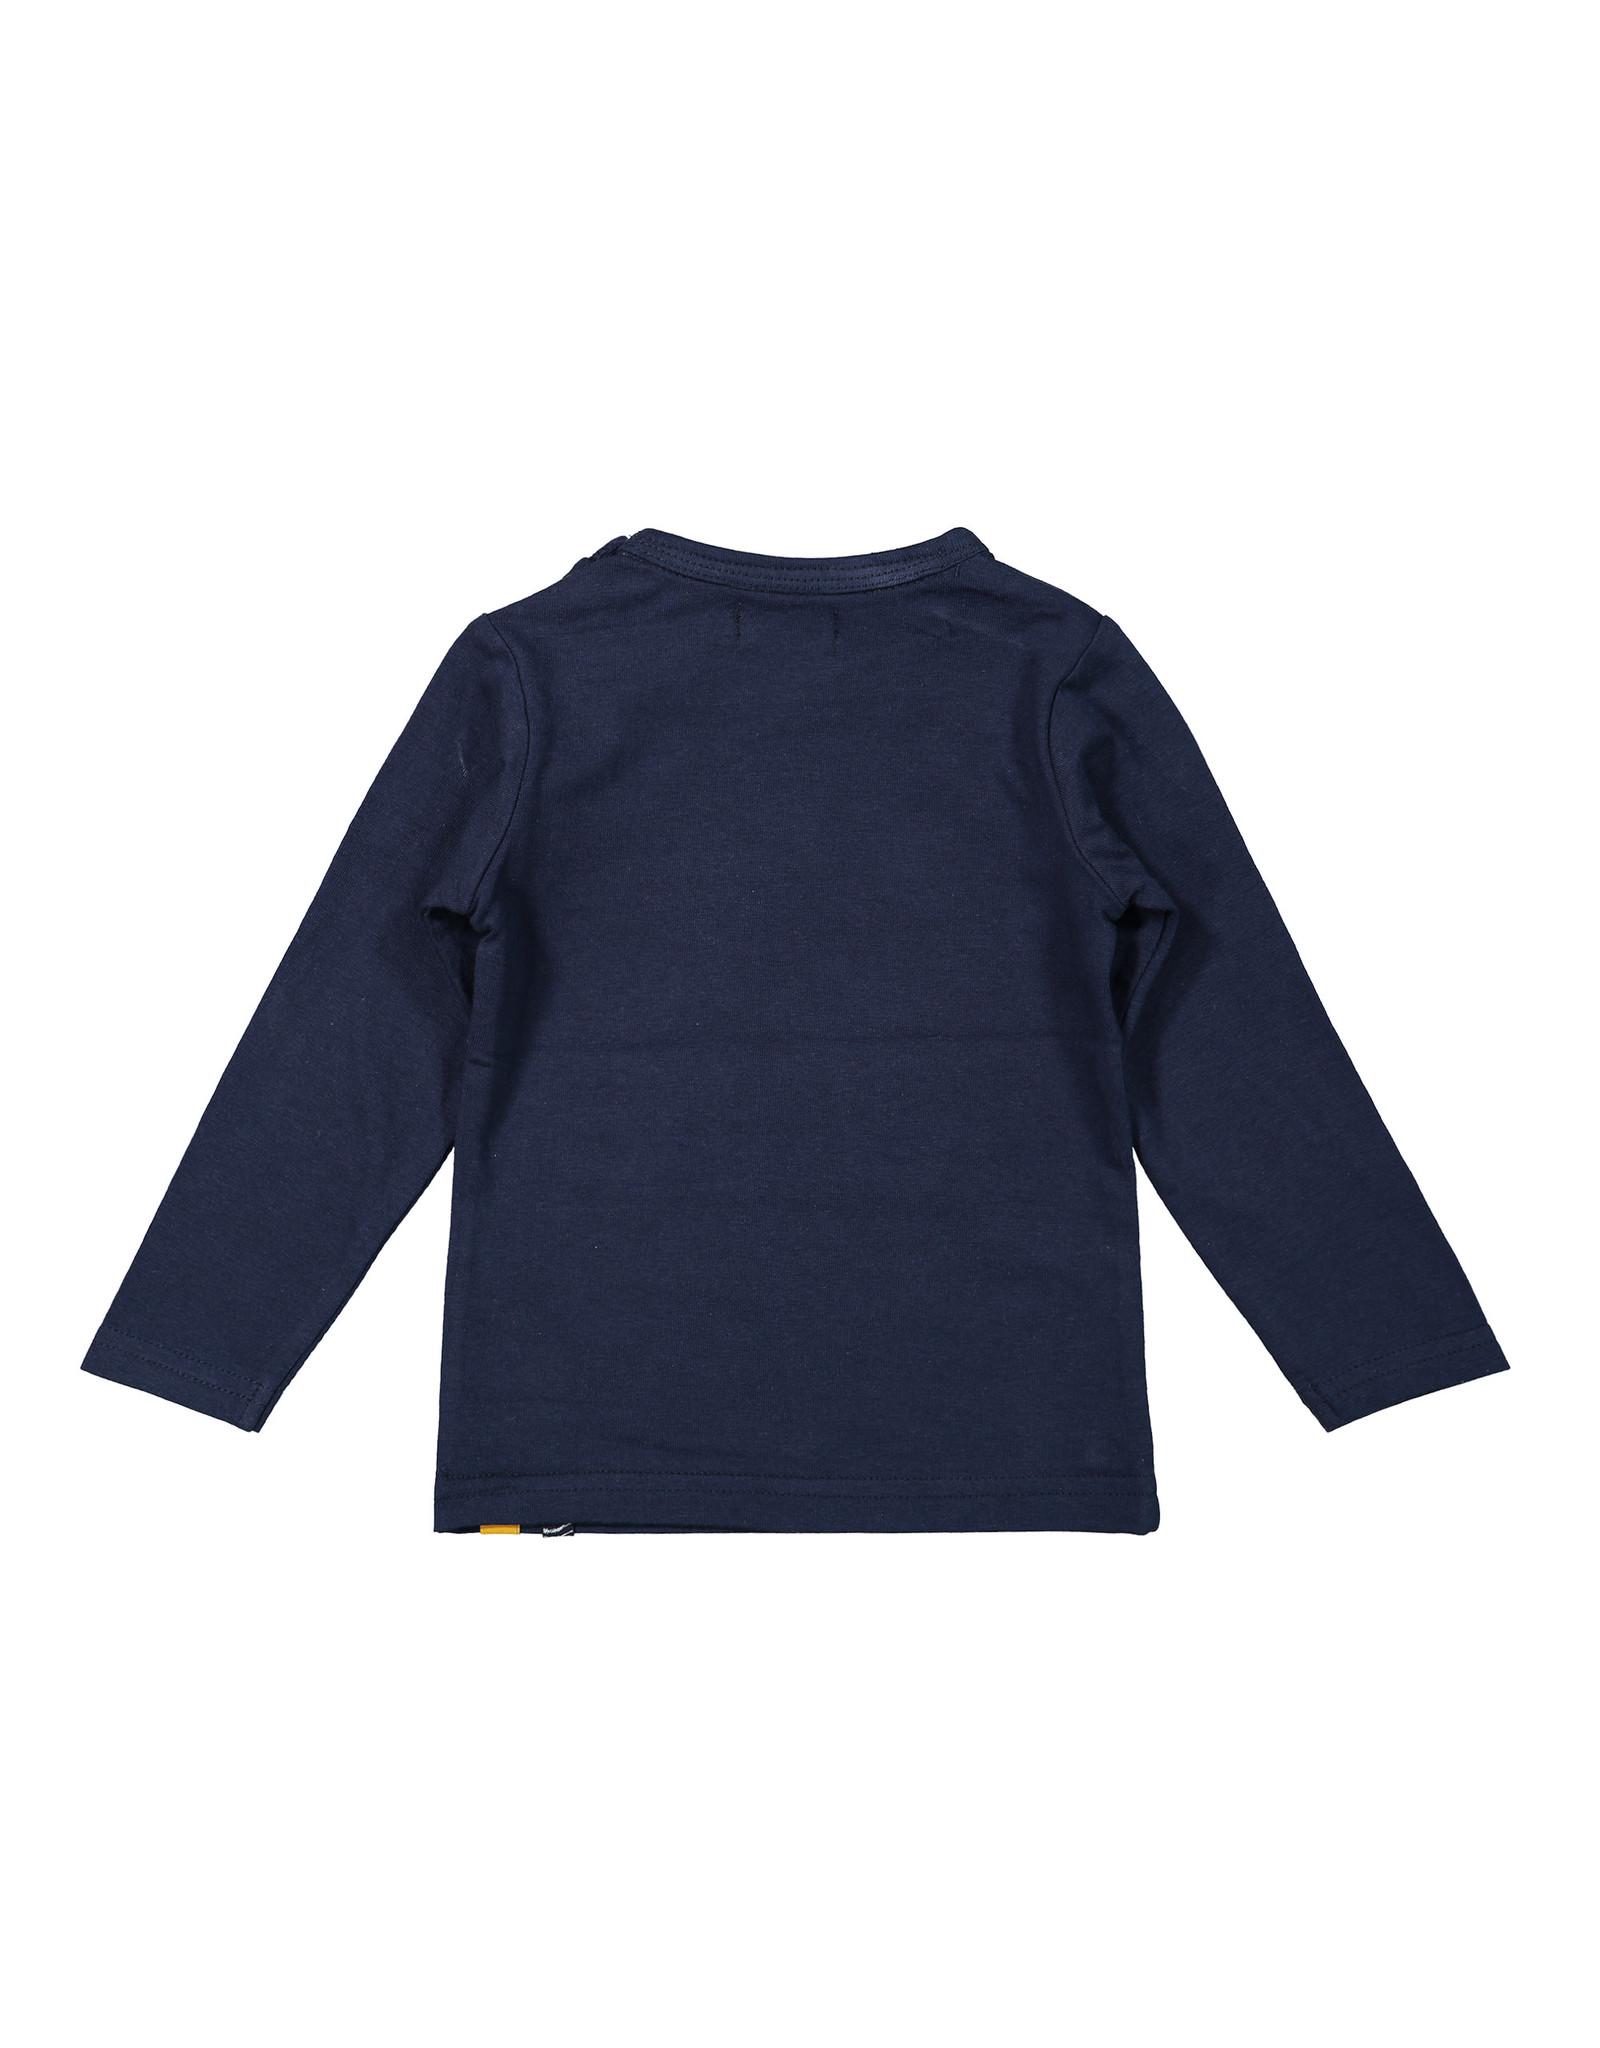 Dirkje Dirkje baby meisjes shirt Wild One Navy